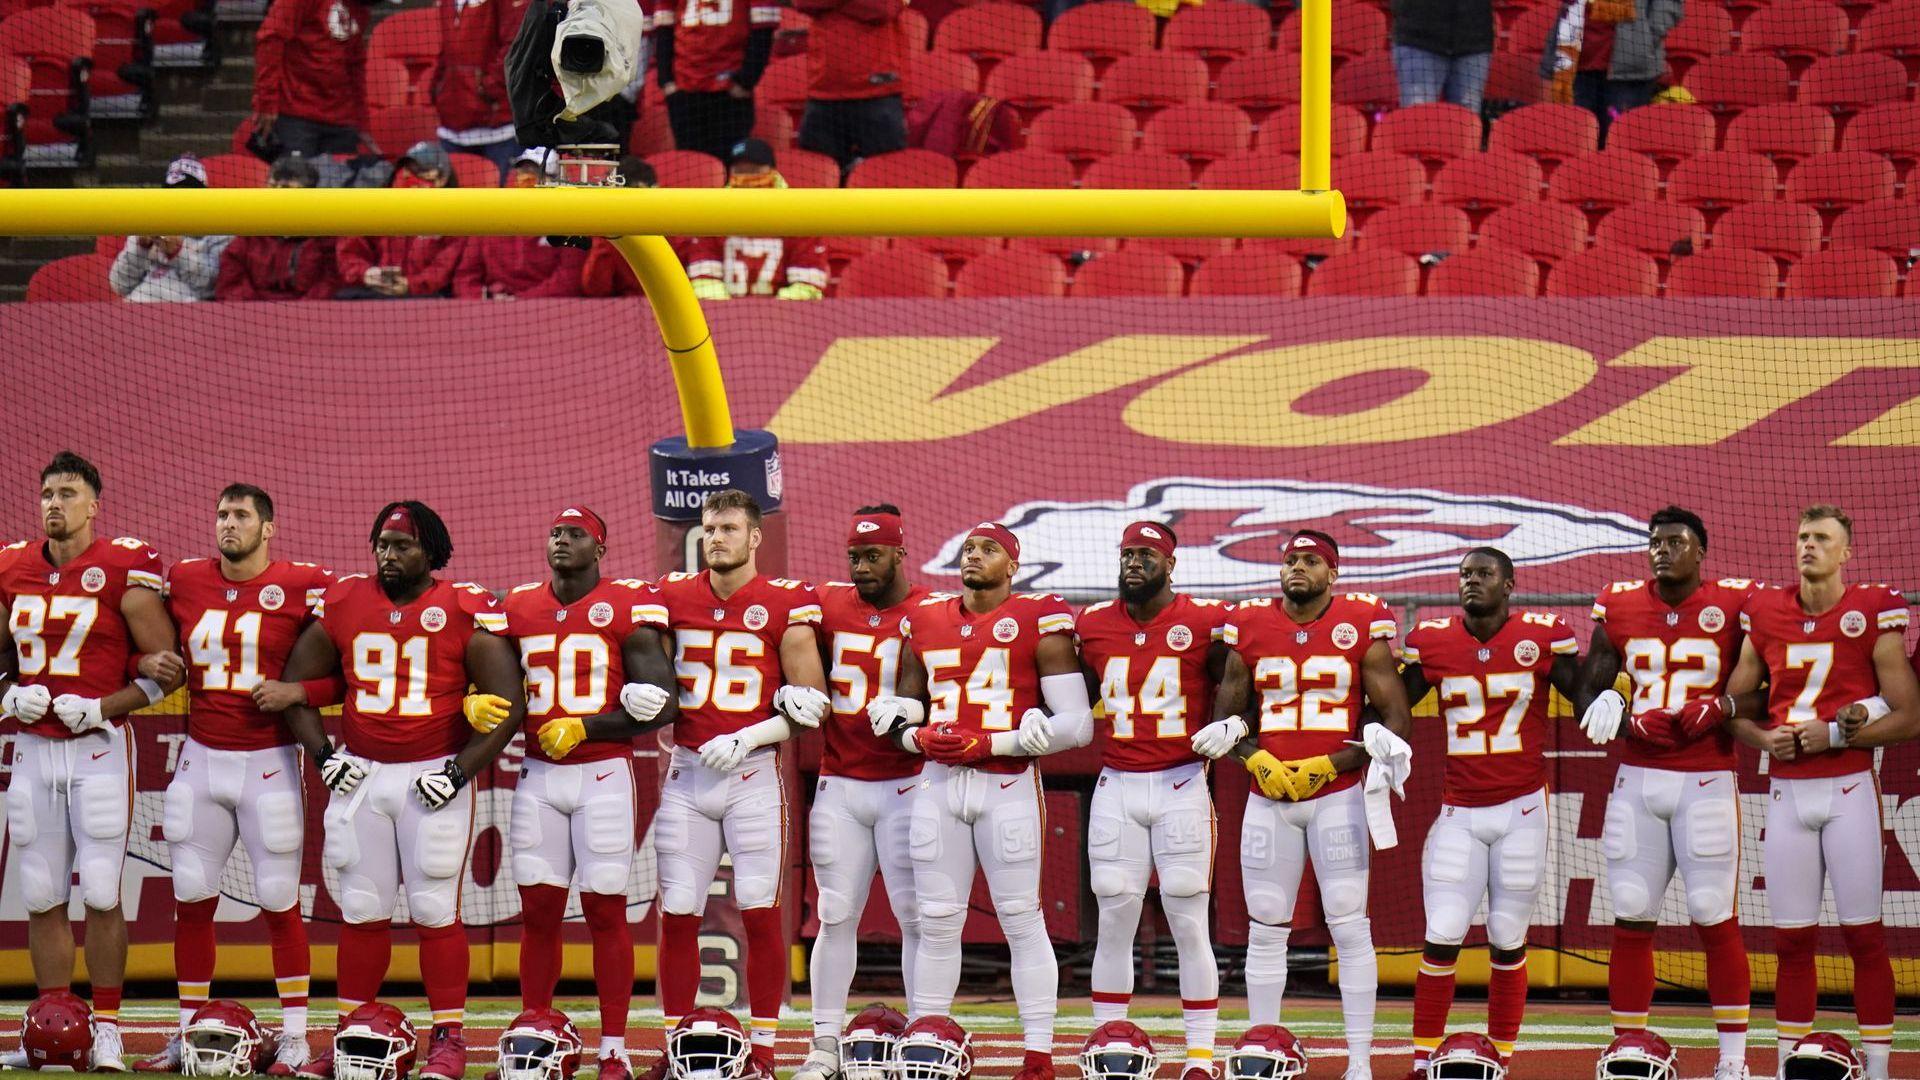 Скандал на старта в НФЛ: Тексасците останаха в съблекалнята и бойкотираха химна